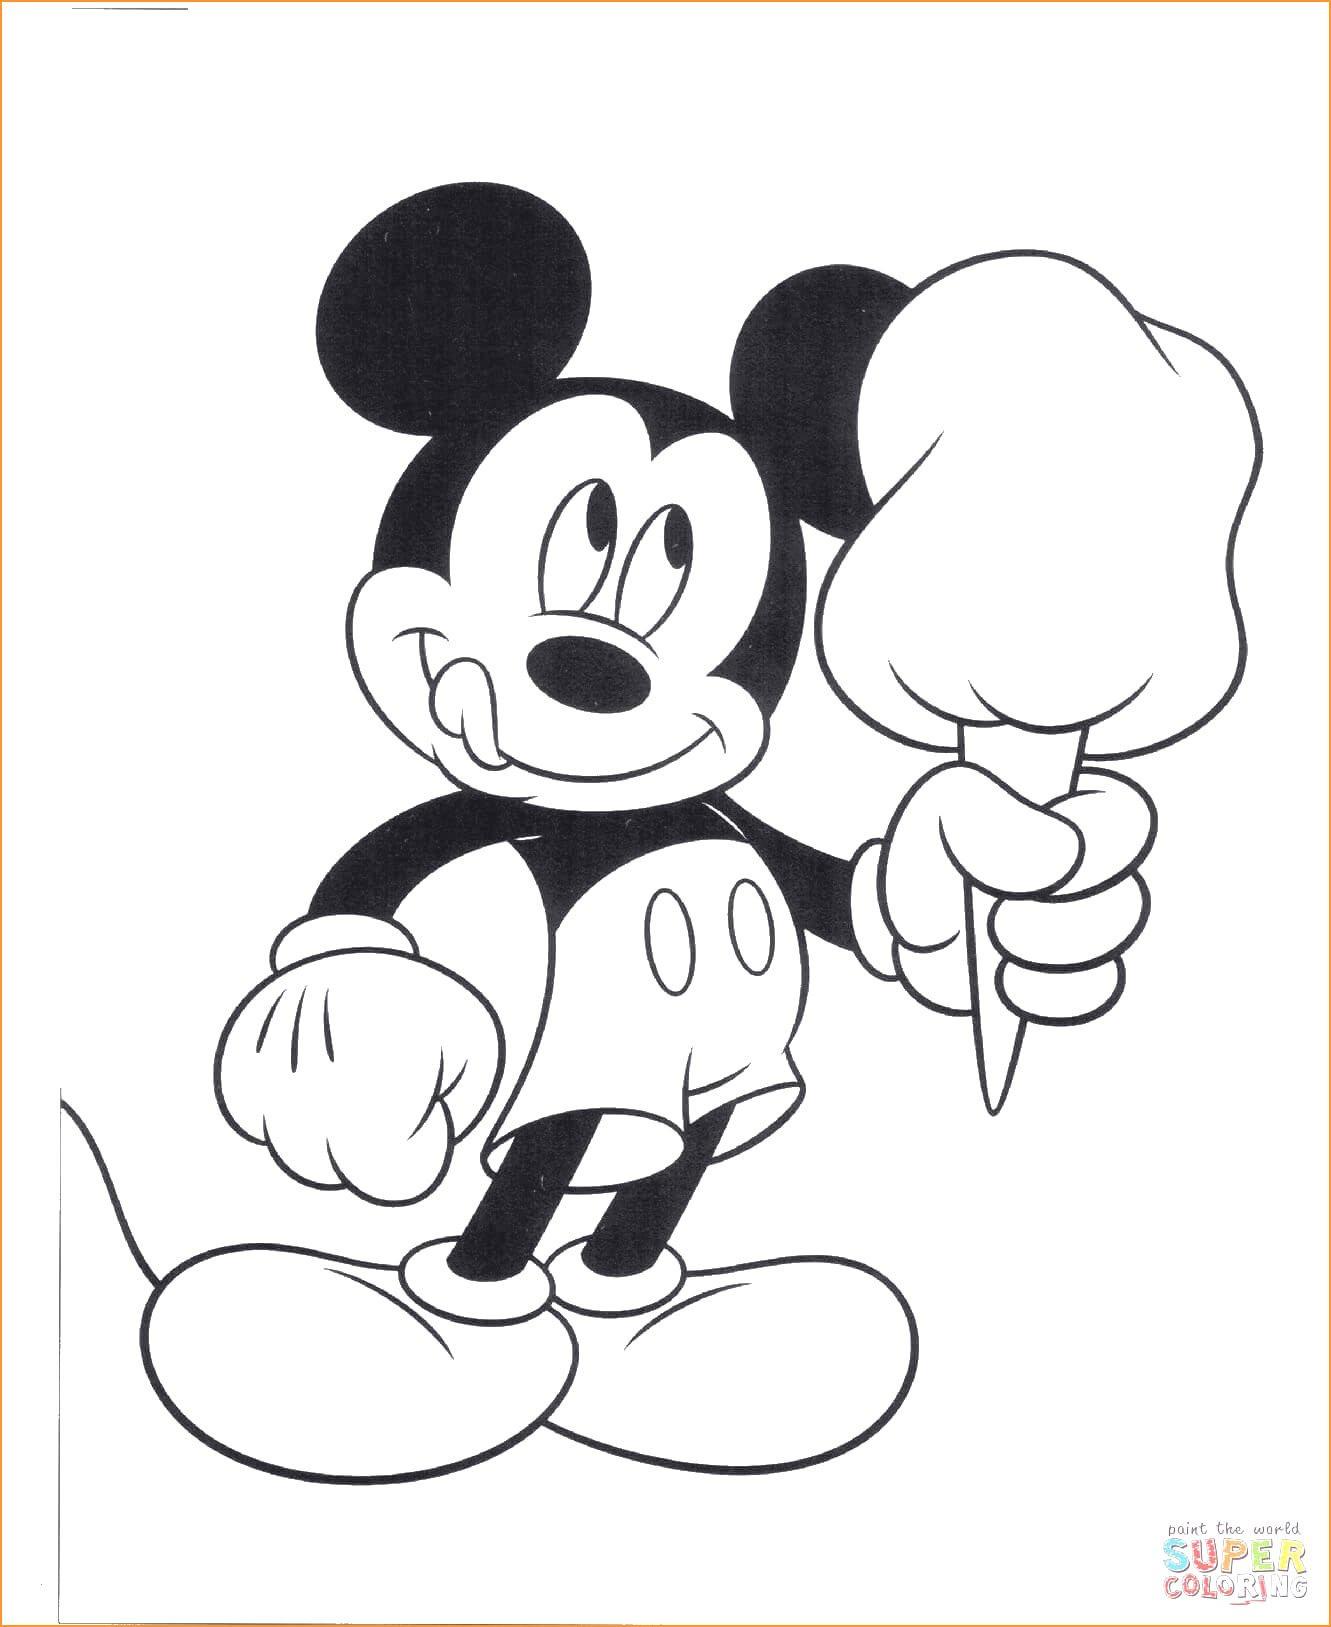 Minni Maus Zum Ausmalen Genial Minnie Maus Malvorlagen Uploadertalk Einzigartig Minnie Maus Baby Sammlung